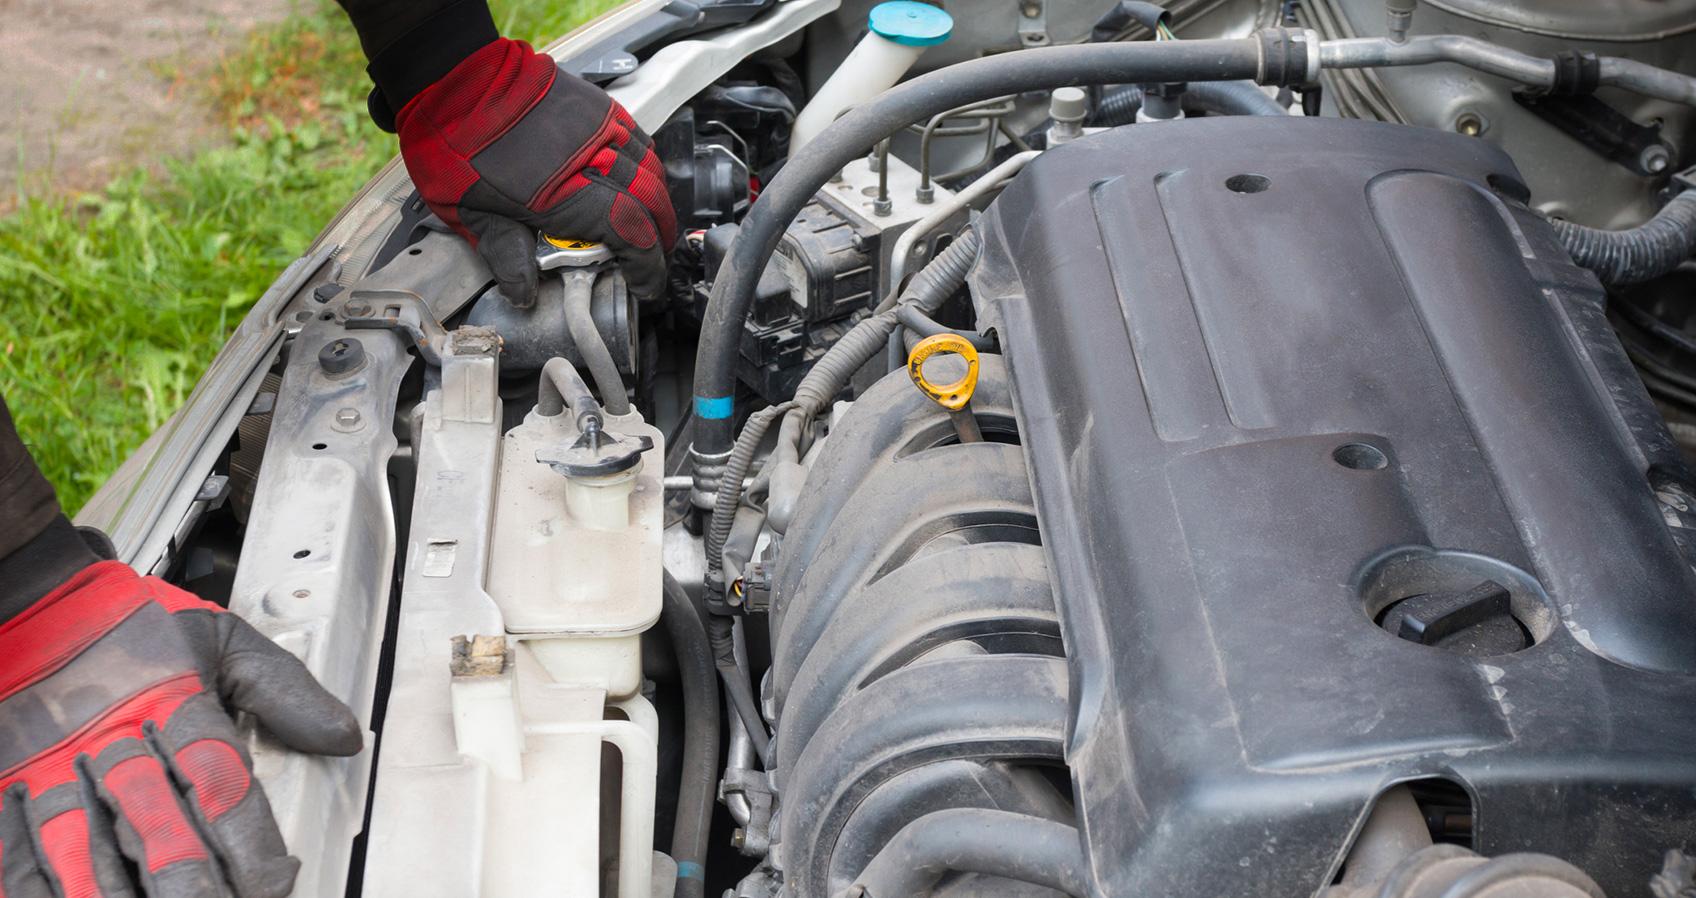 Coolant leak inspection